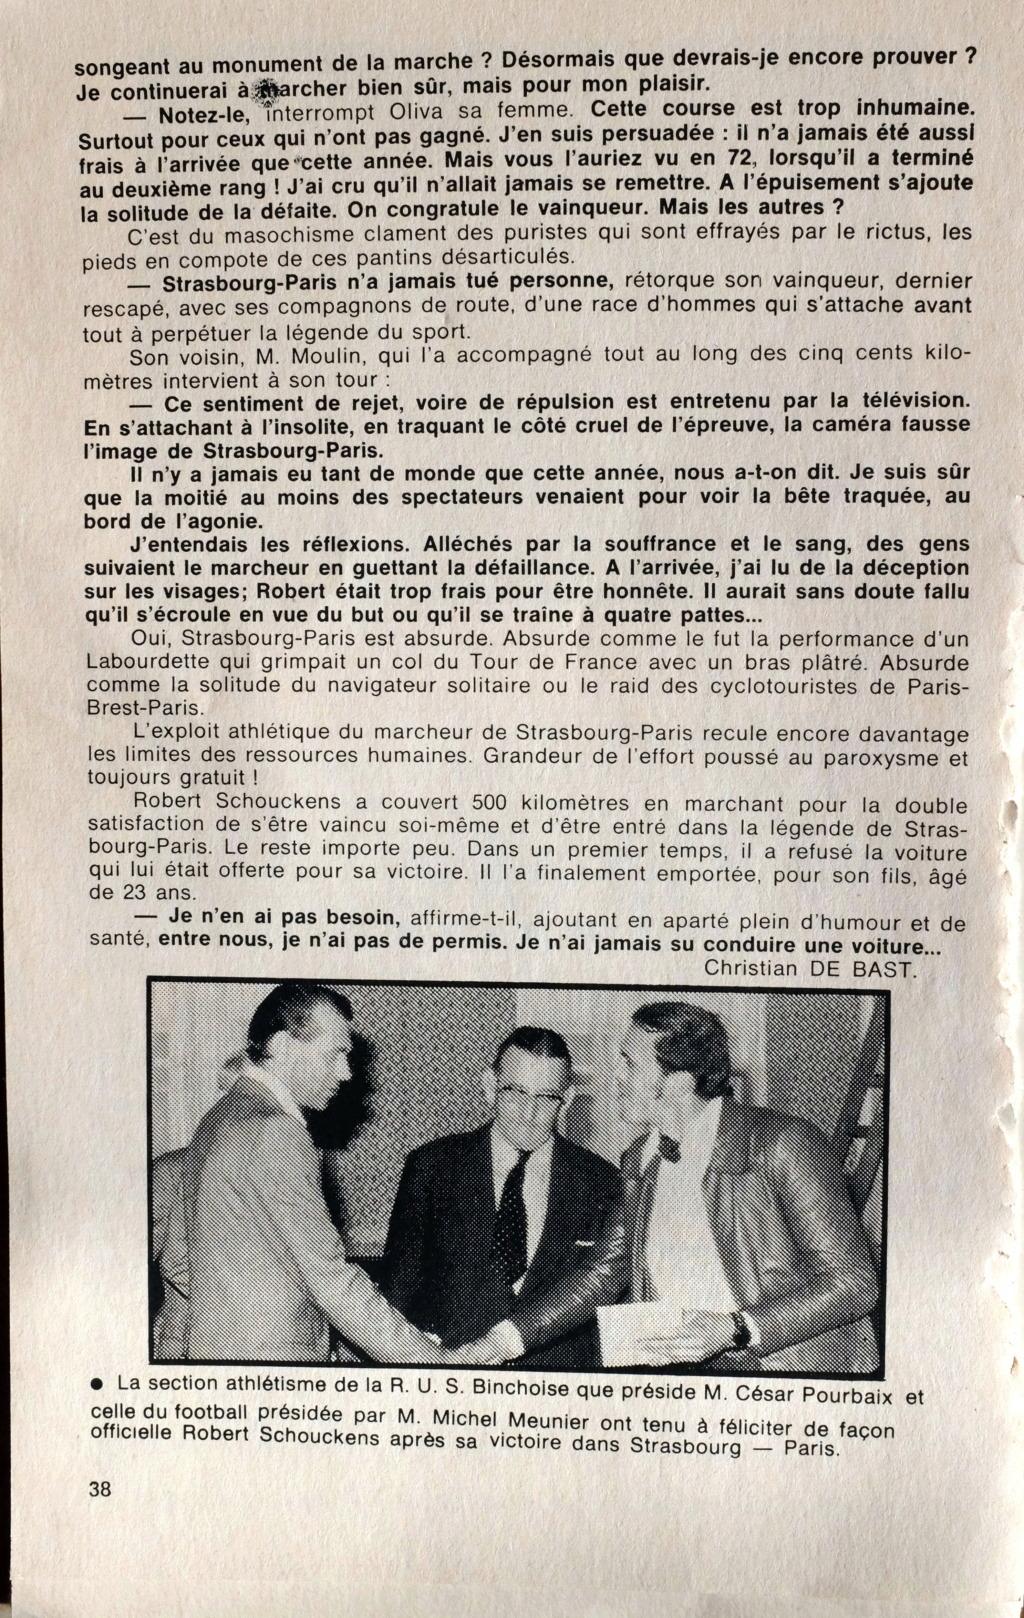 Paris-Strasbourg l'épopée de La Marche Hector MAHAU - Page 2 Dscf1142